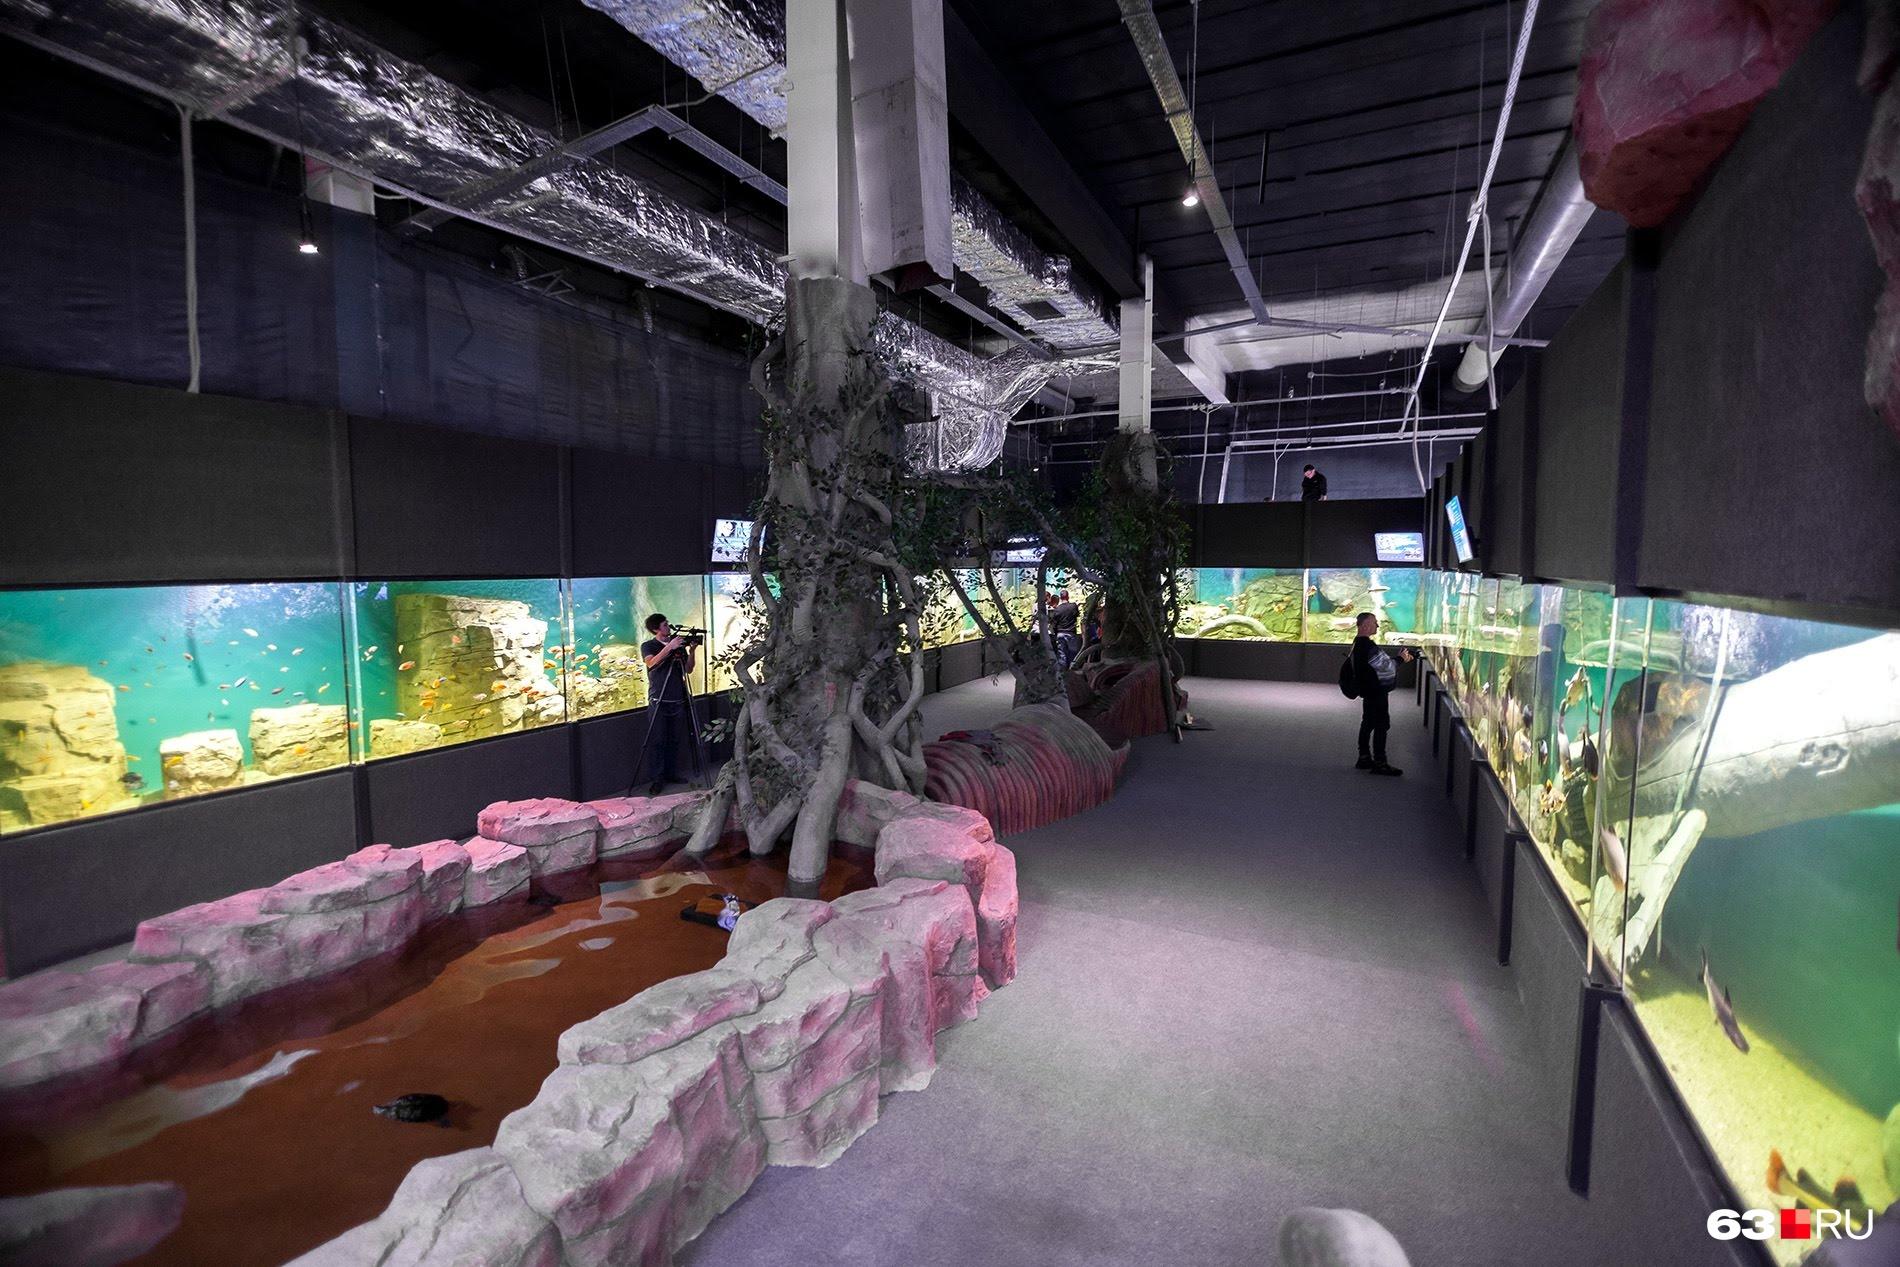 Панорамный аквариум поделили на несколько зон